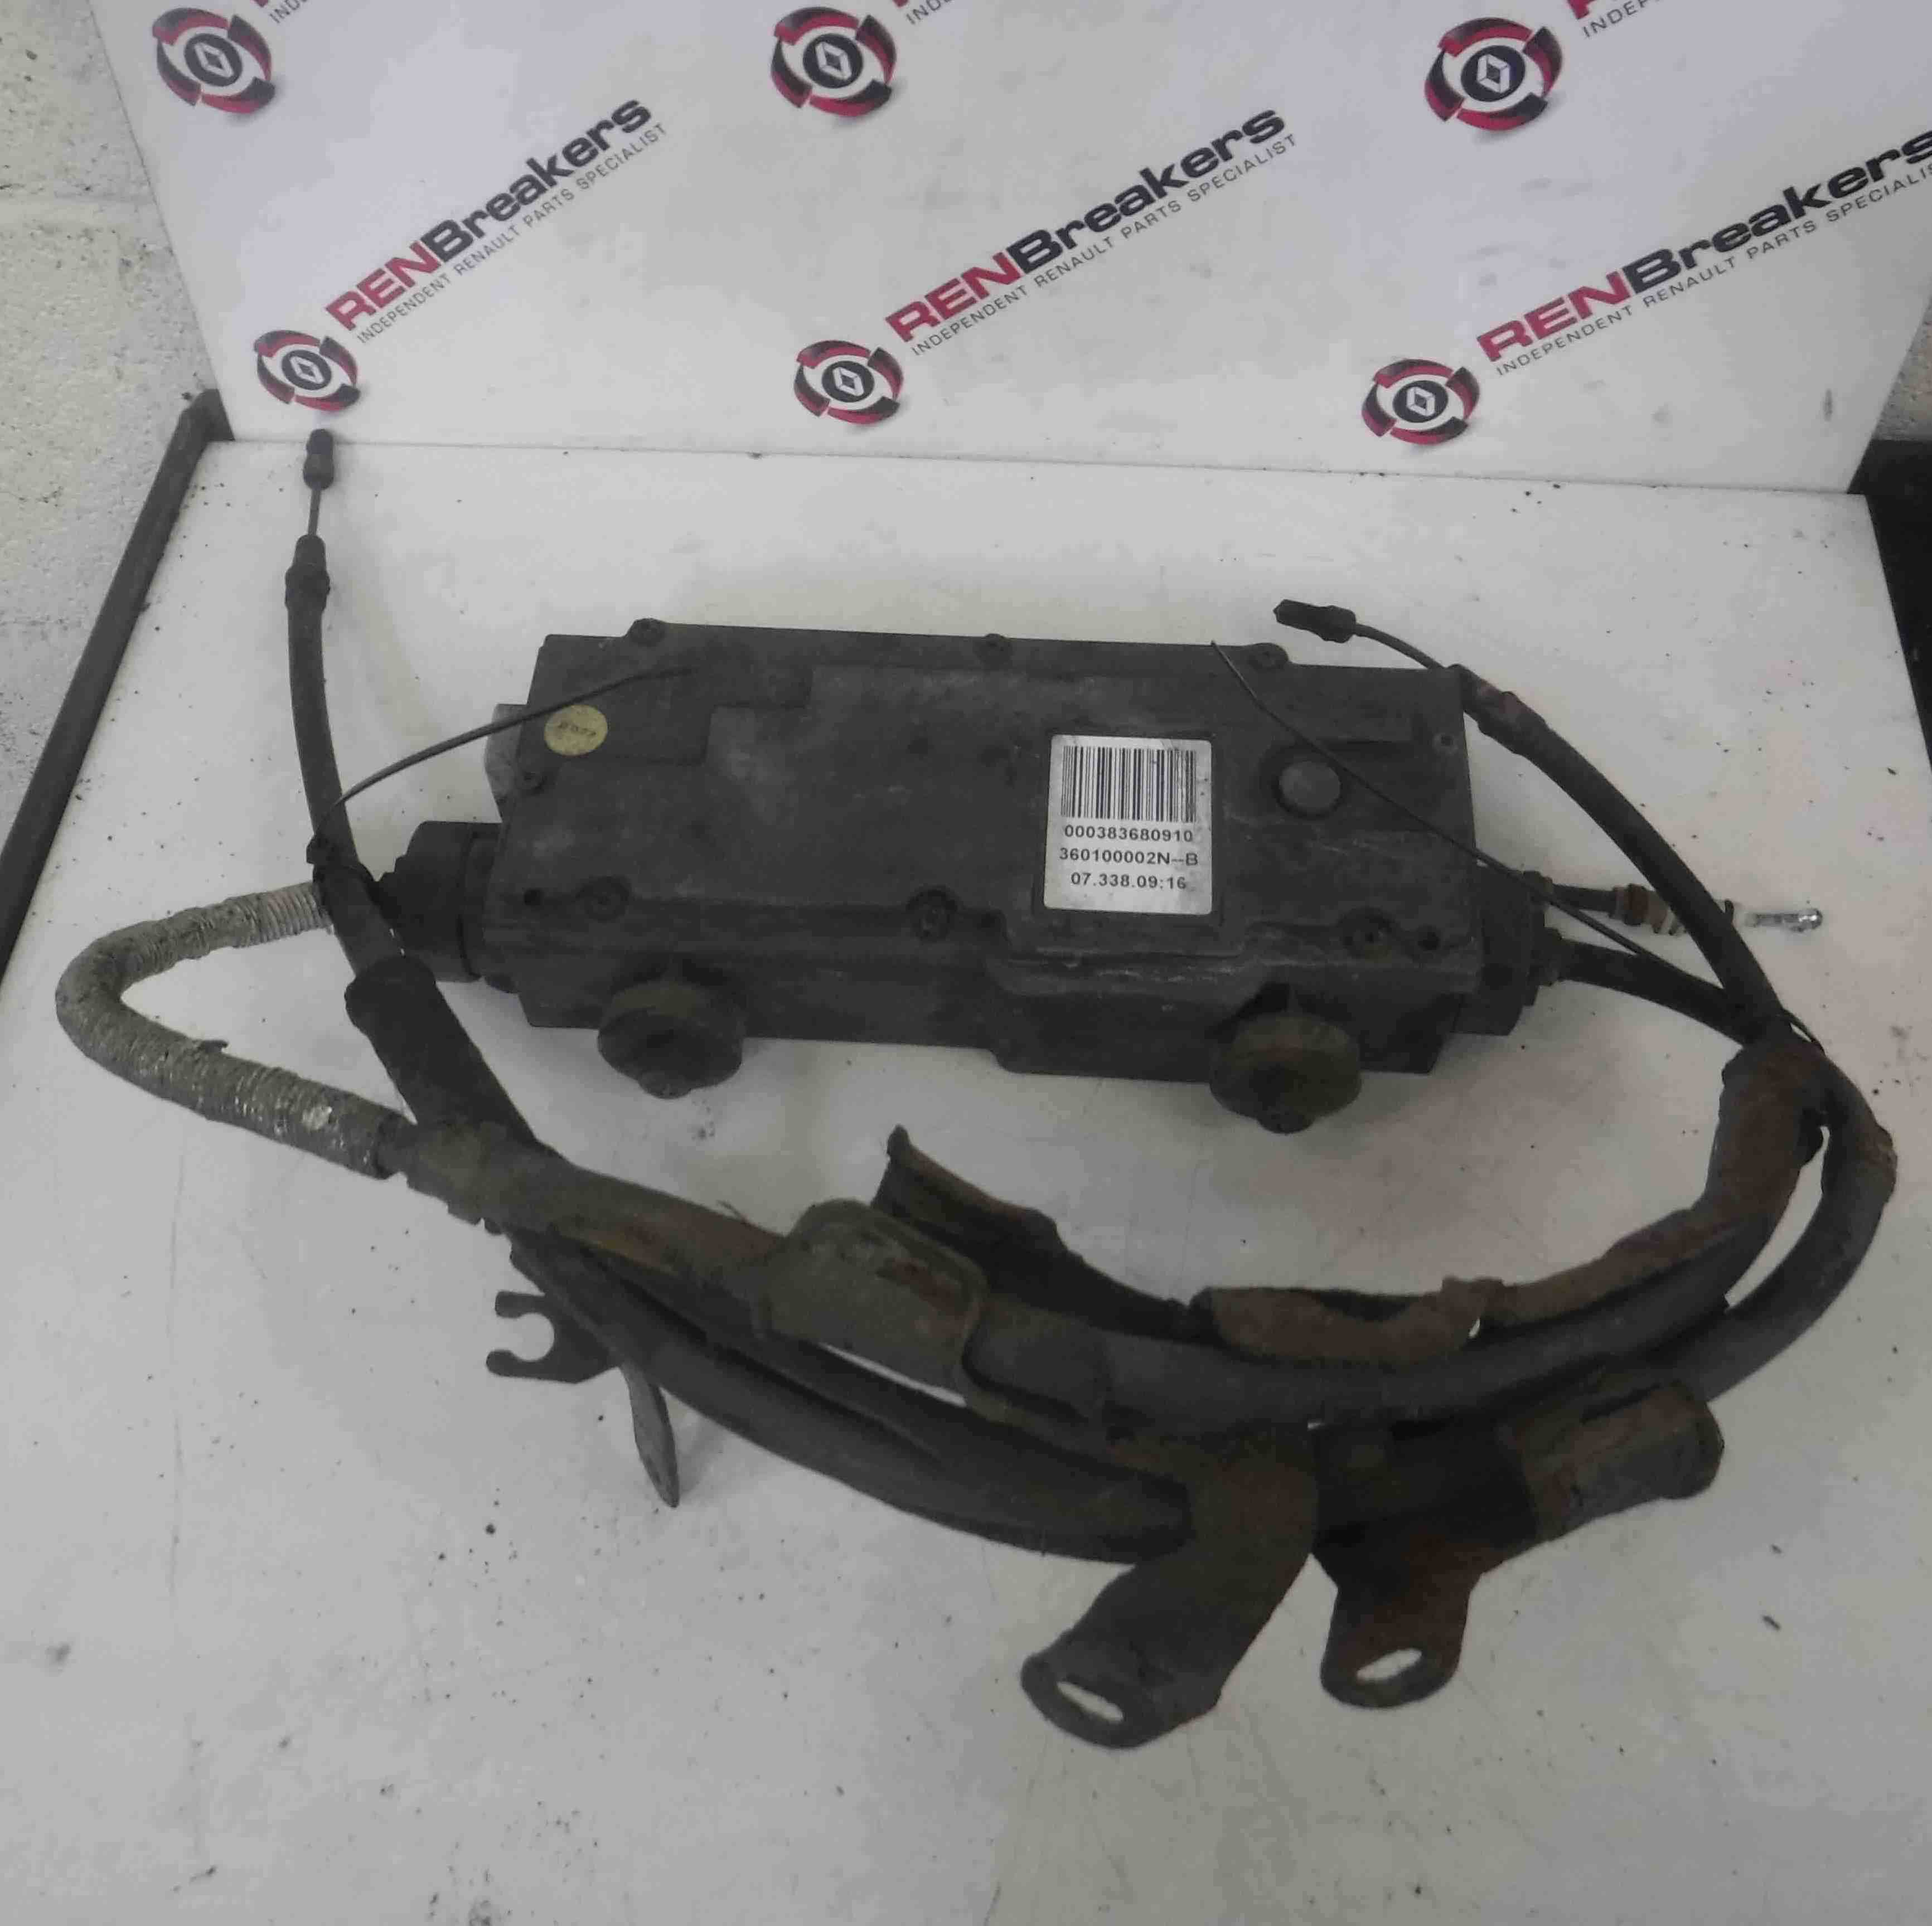 Renault Laguna Estate 2007-2012 Electronic Handbrake Motor + Cables 360100002N